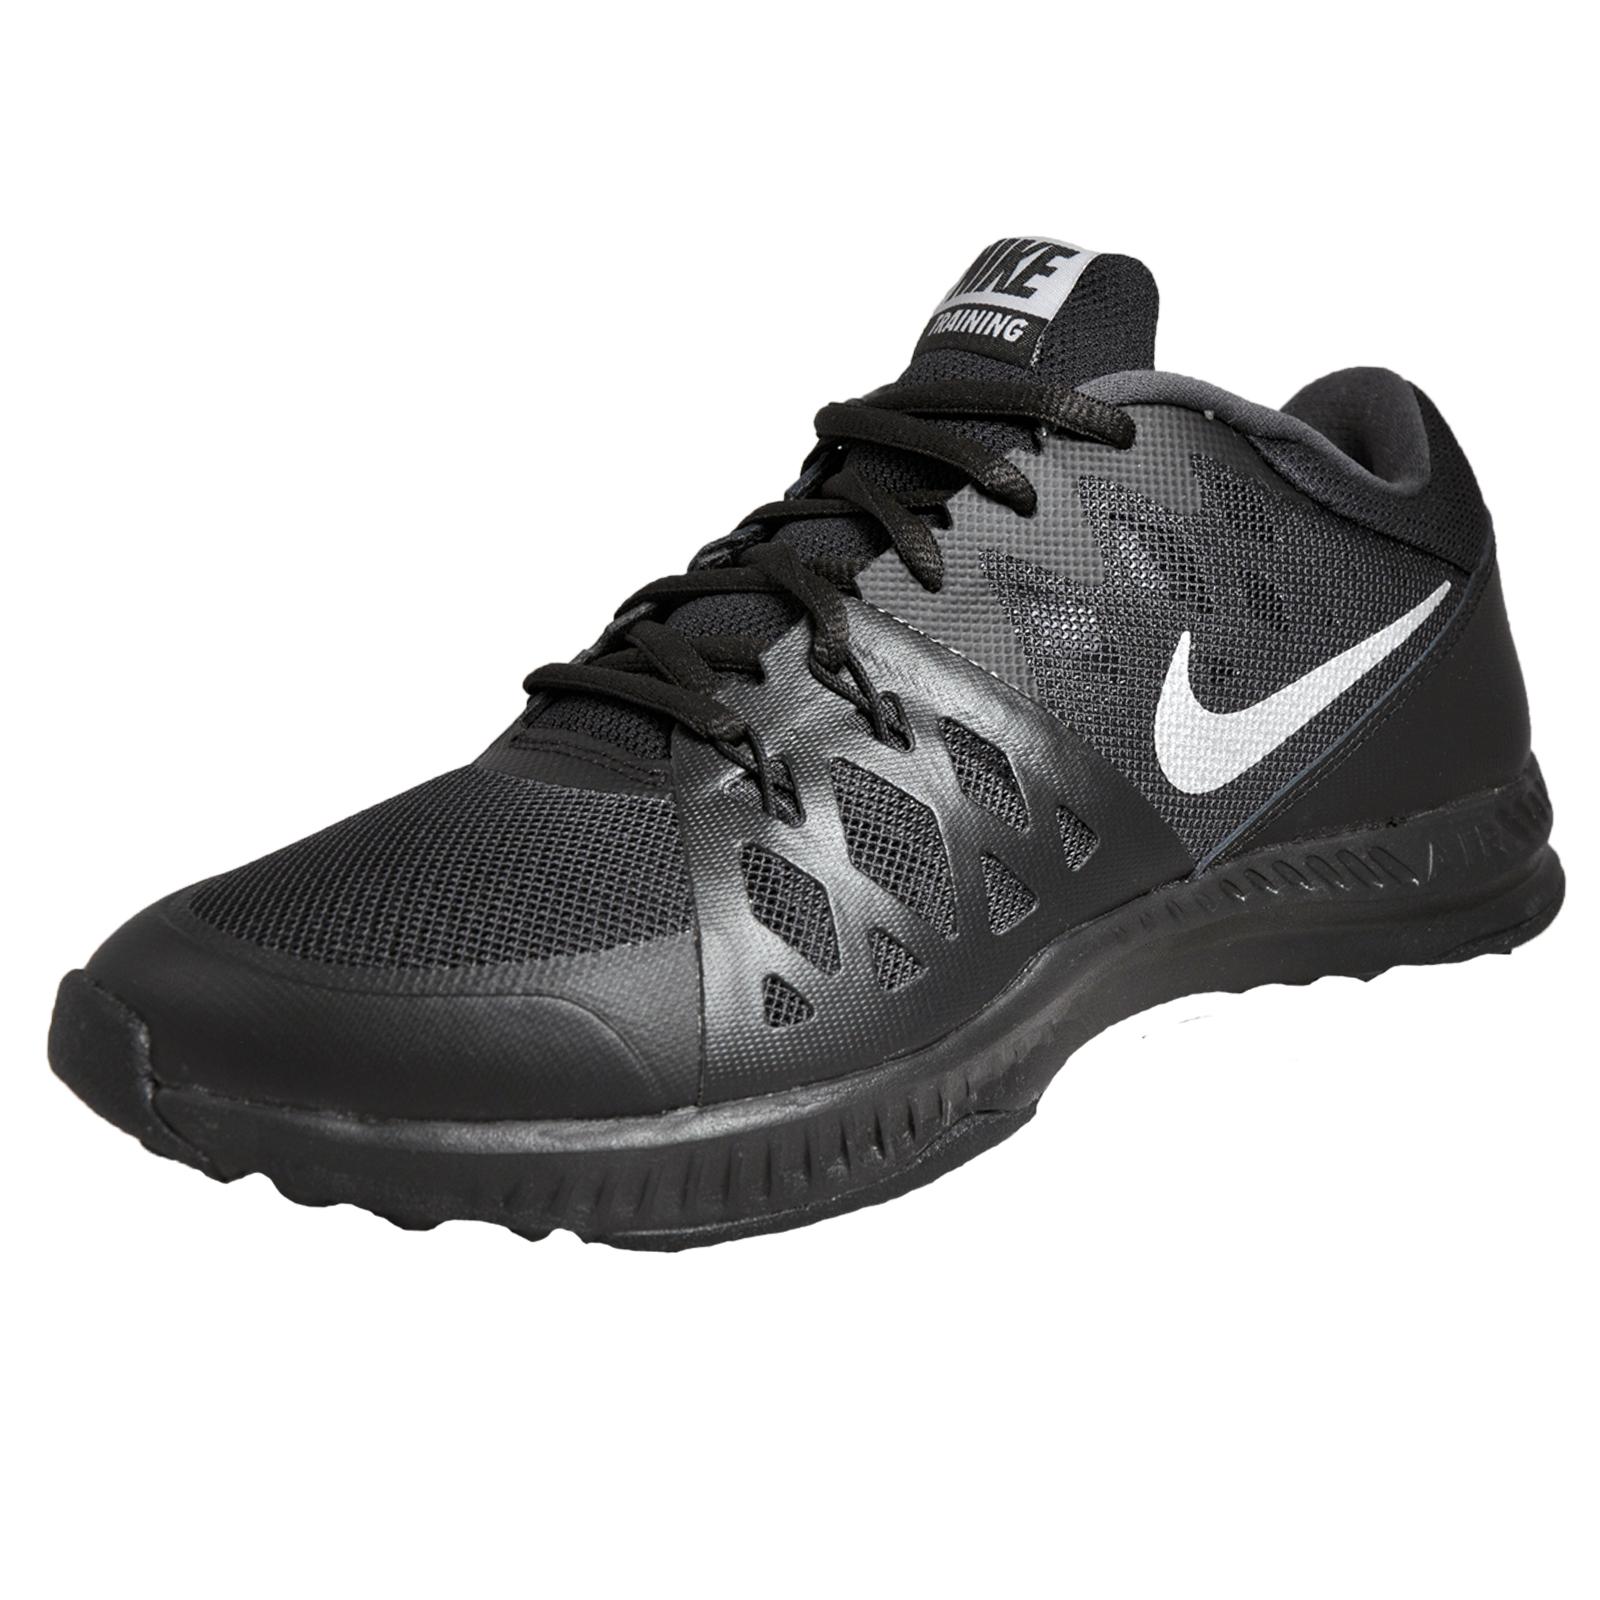 Speed Walking Shoes Uk